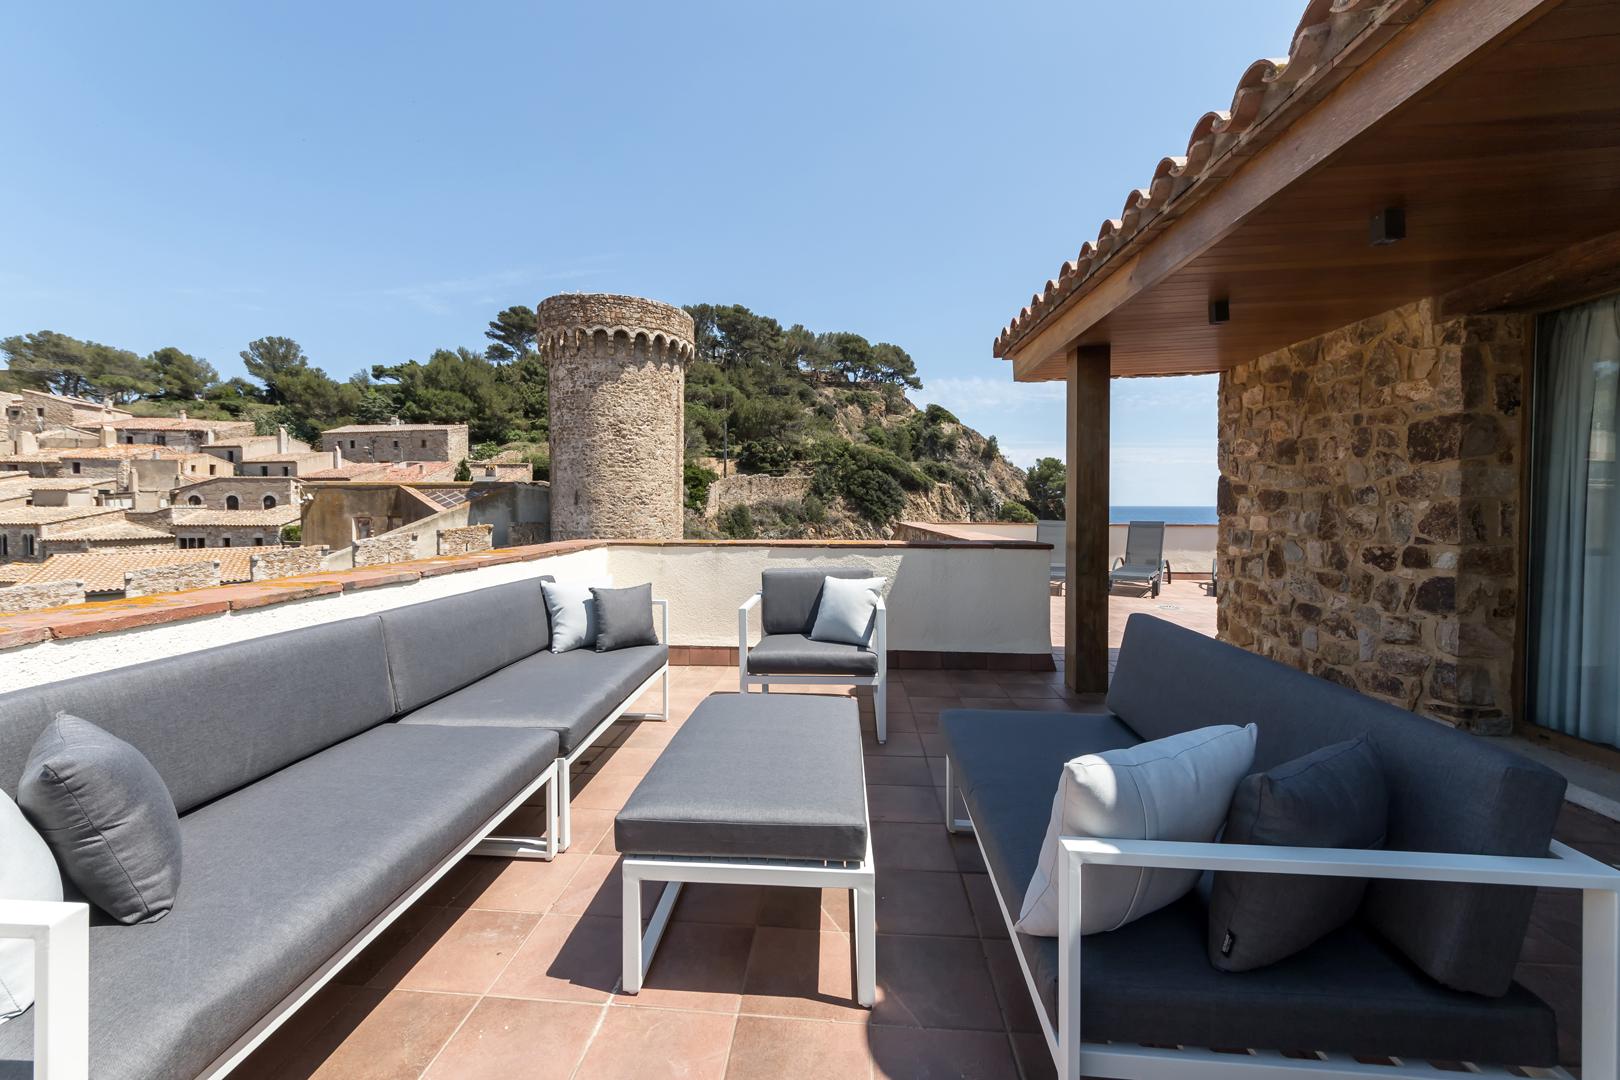 Espace terrasse avec canapés